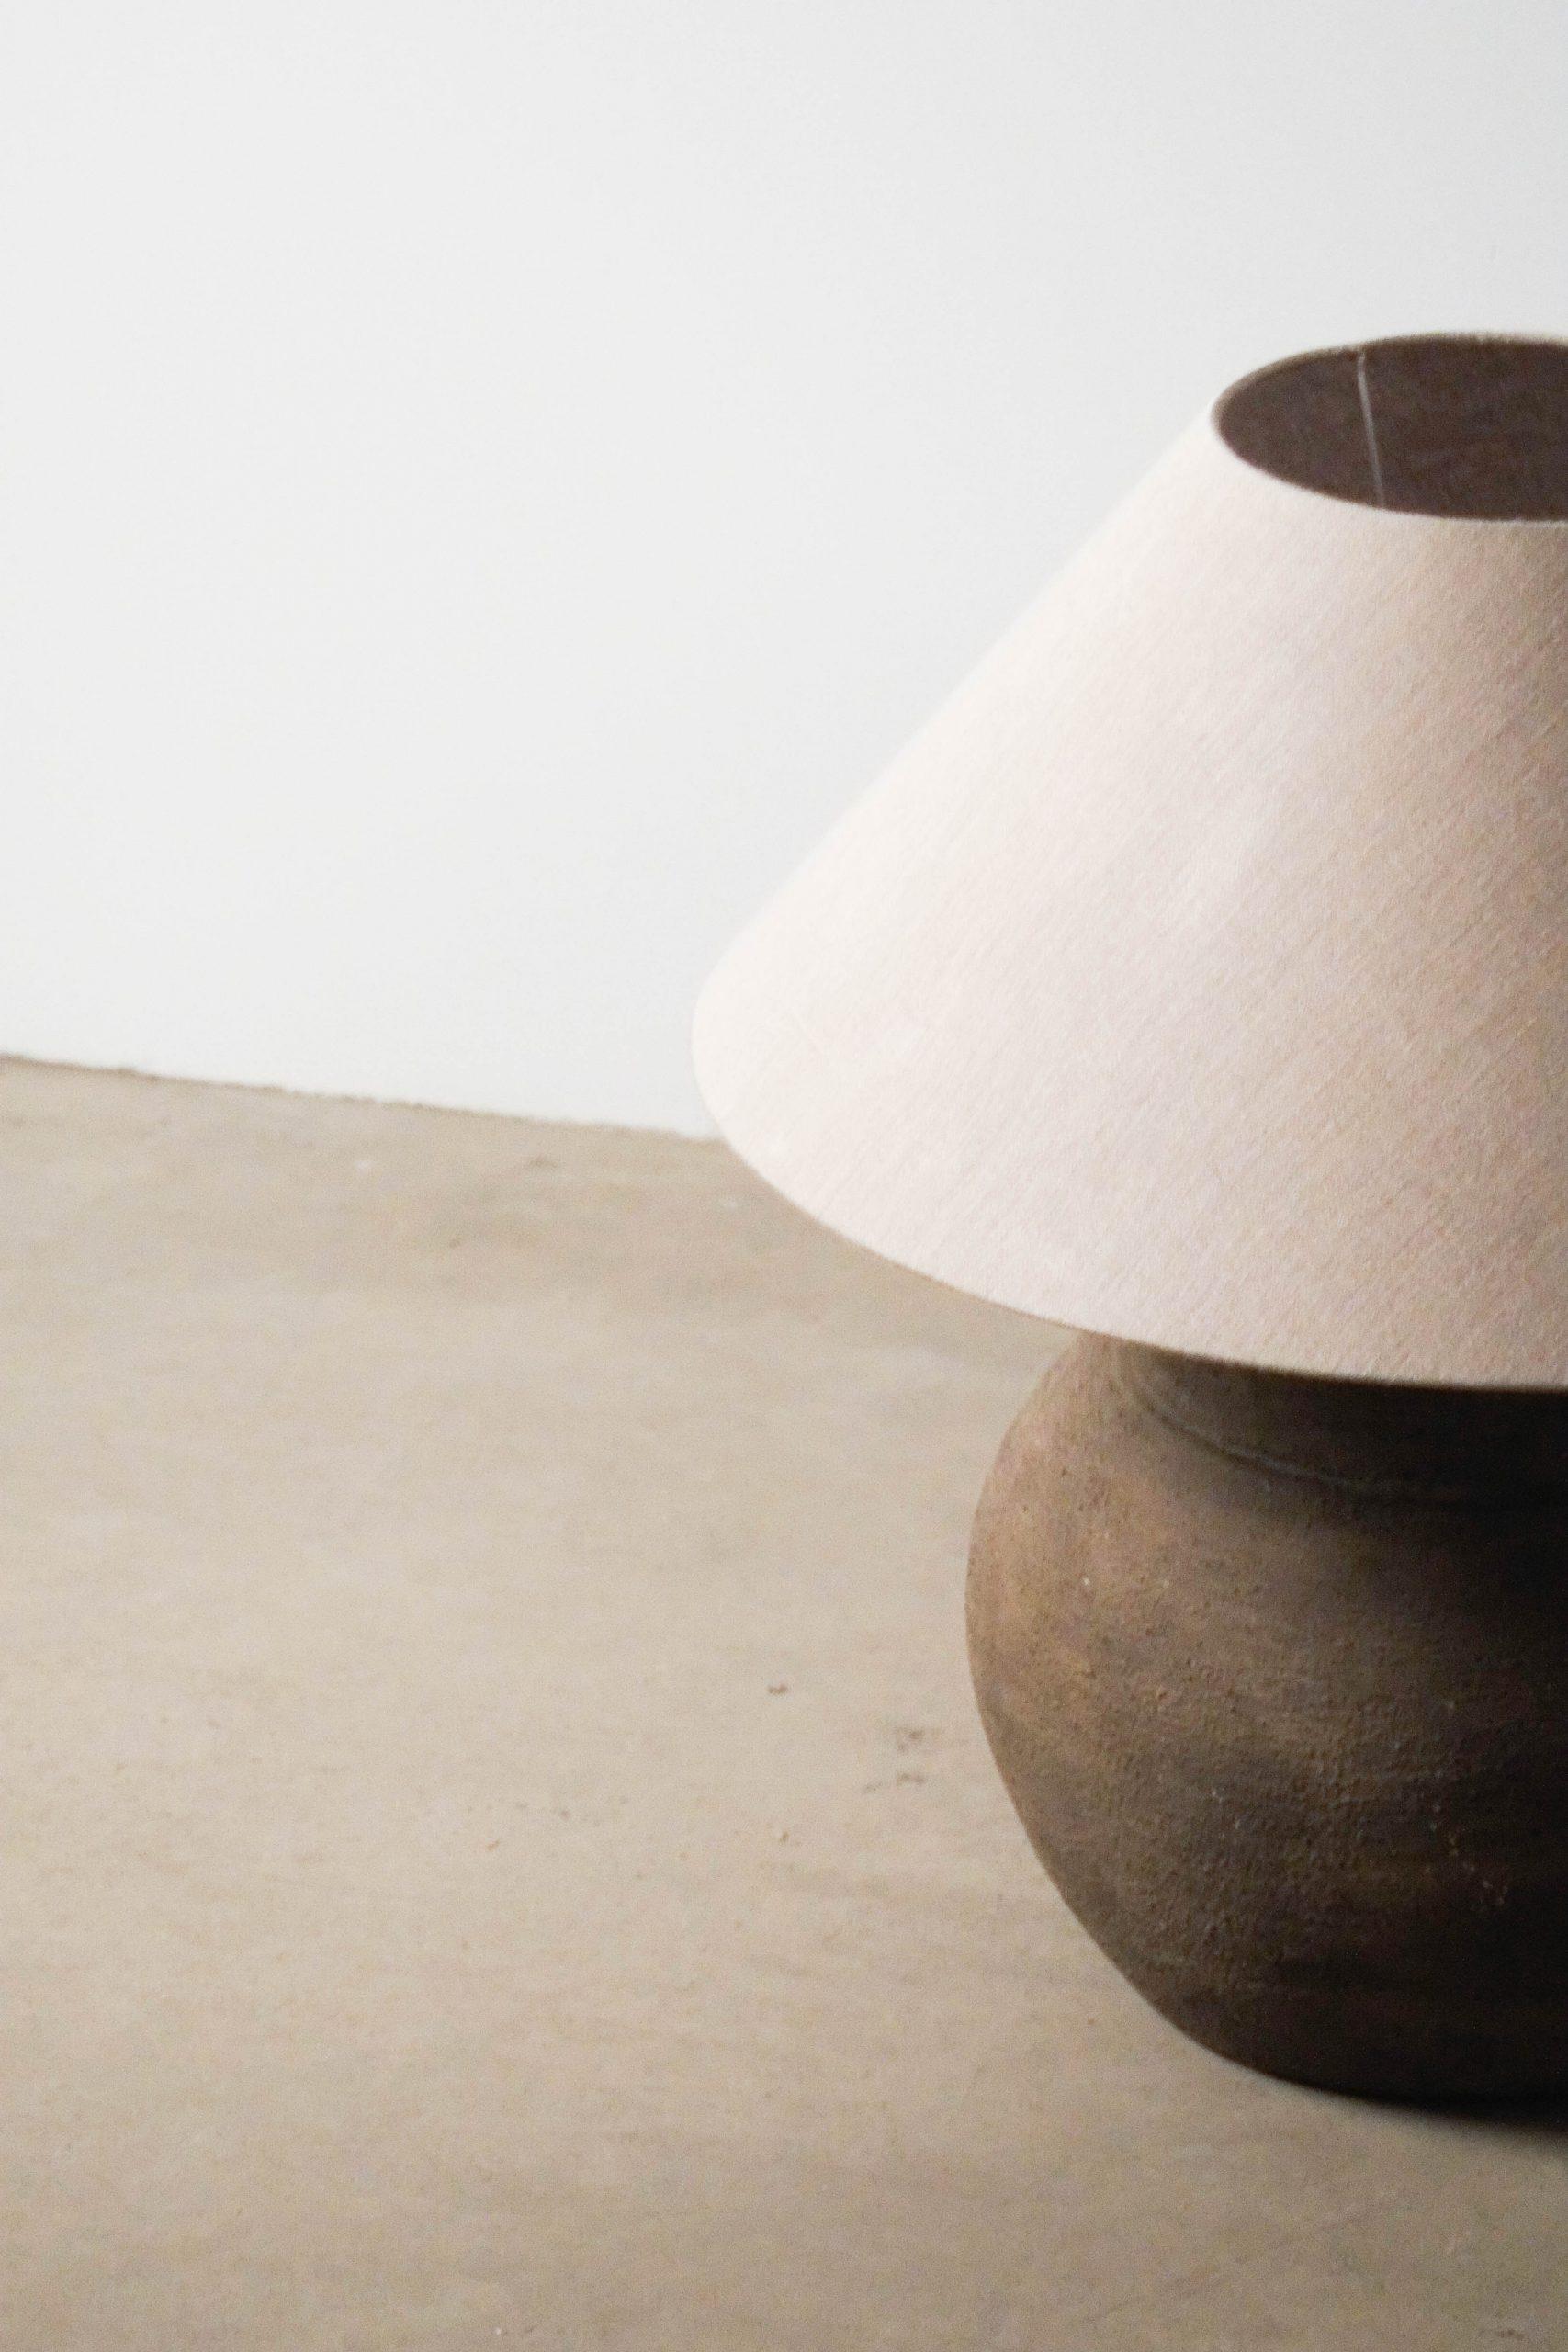 lampara ceramica de arcilla barro artesana fabricada a mano